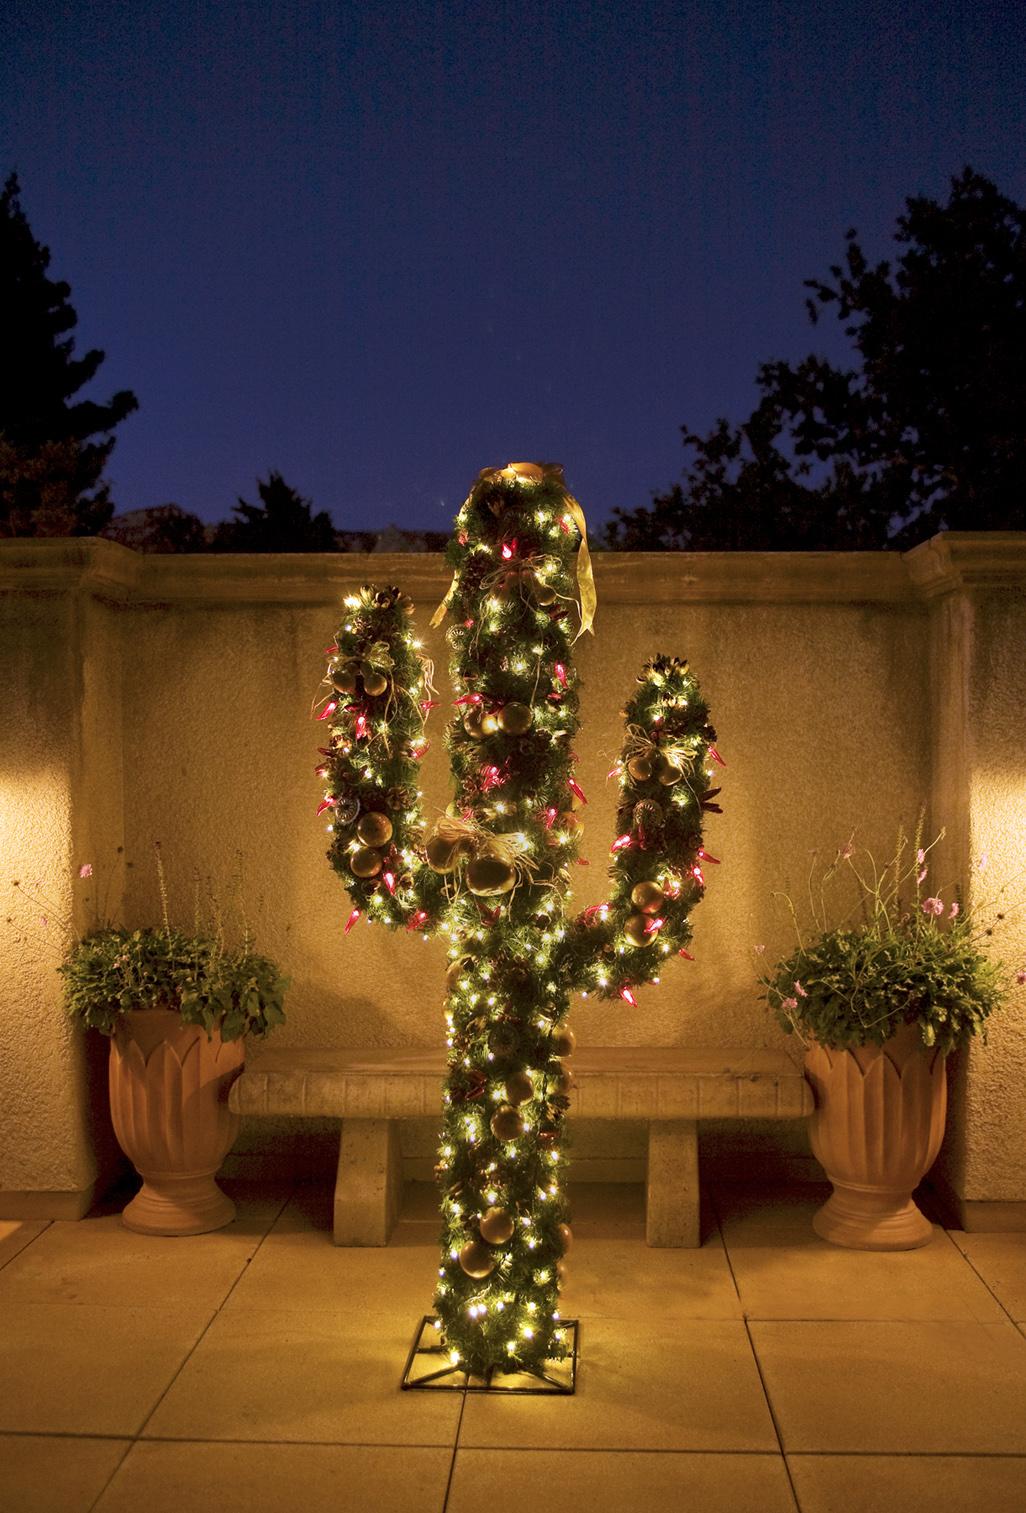 Cereus hildmanianus v spiralis Tlaqepaque-sedona-cactus-christmas-tree